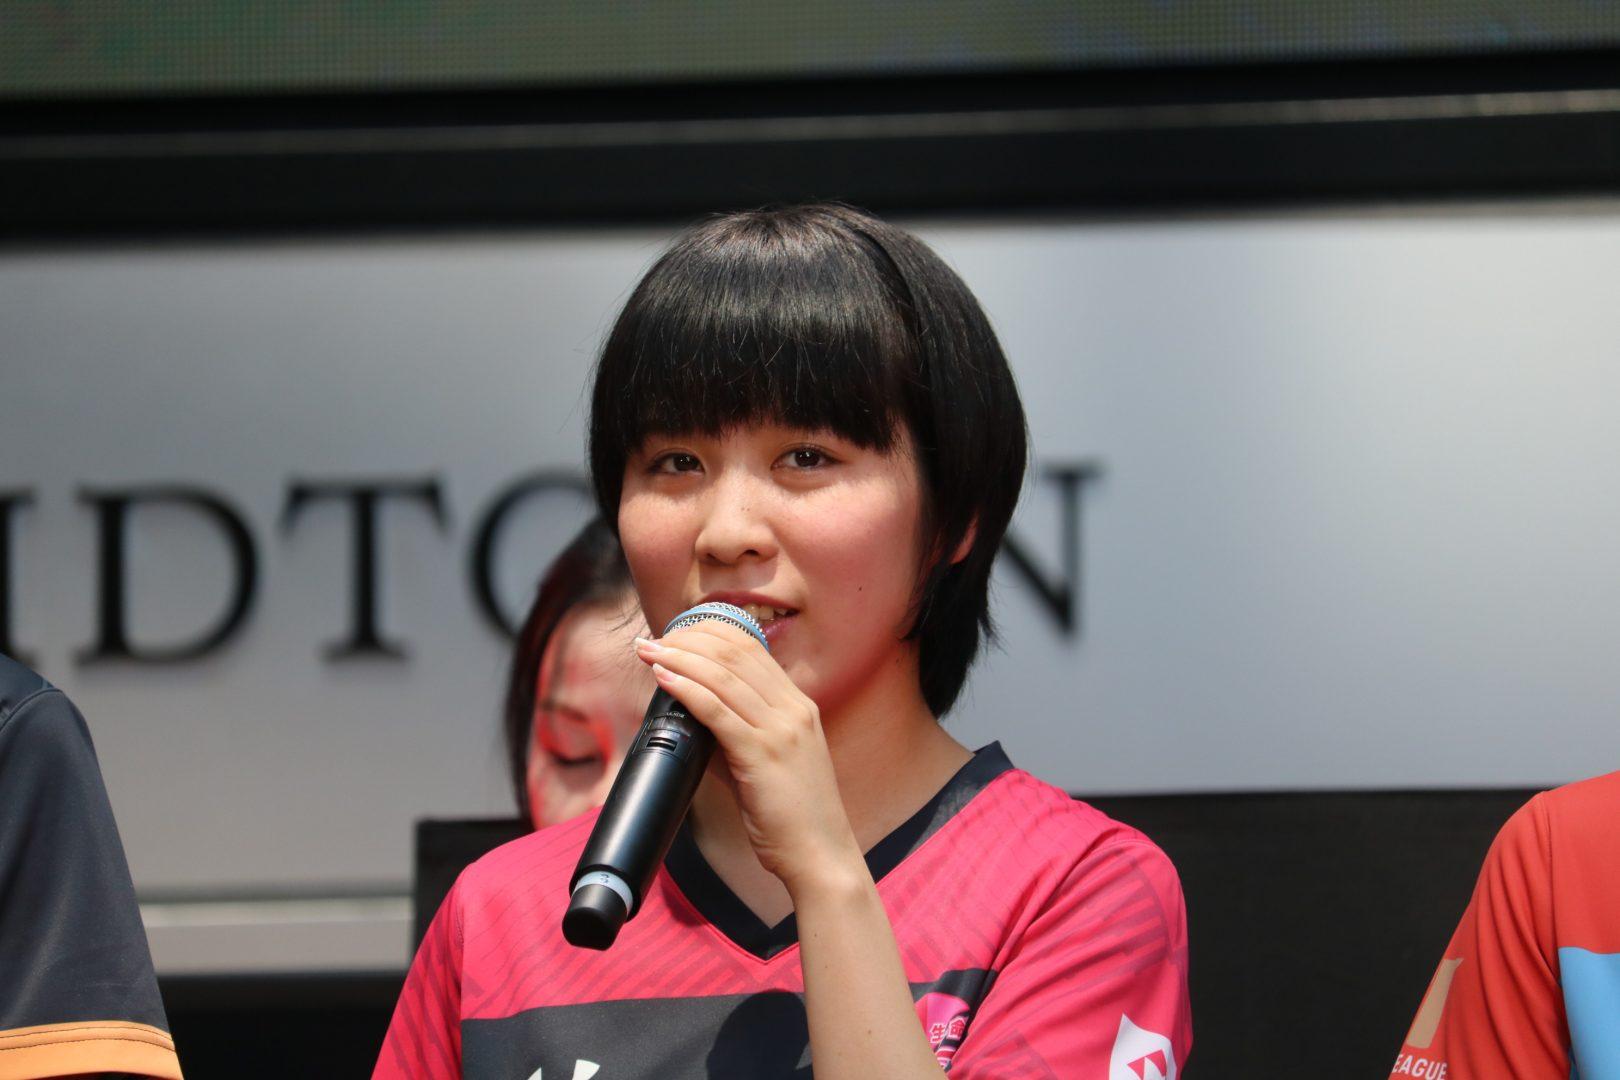 【卓球】平野美宇 19歳誕生日に有名アイドルからも祝福の声 「笑顔でハピネスに」